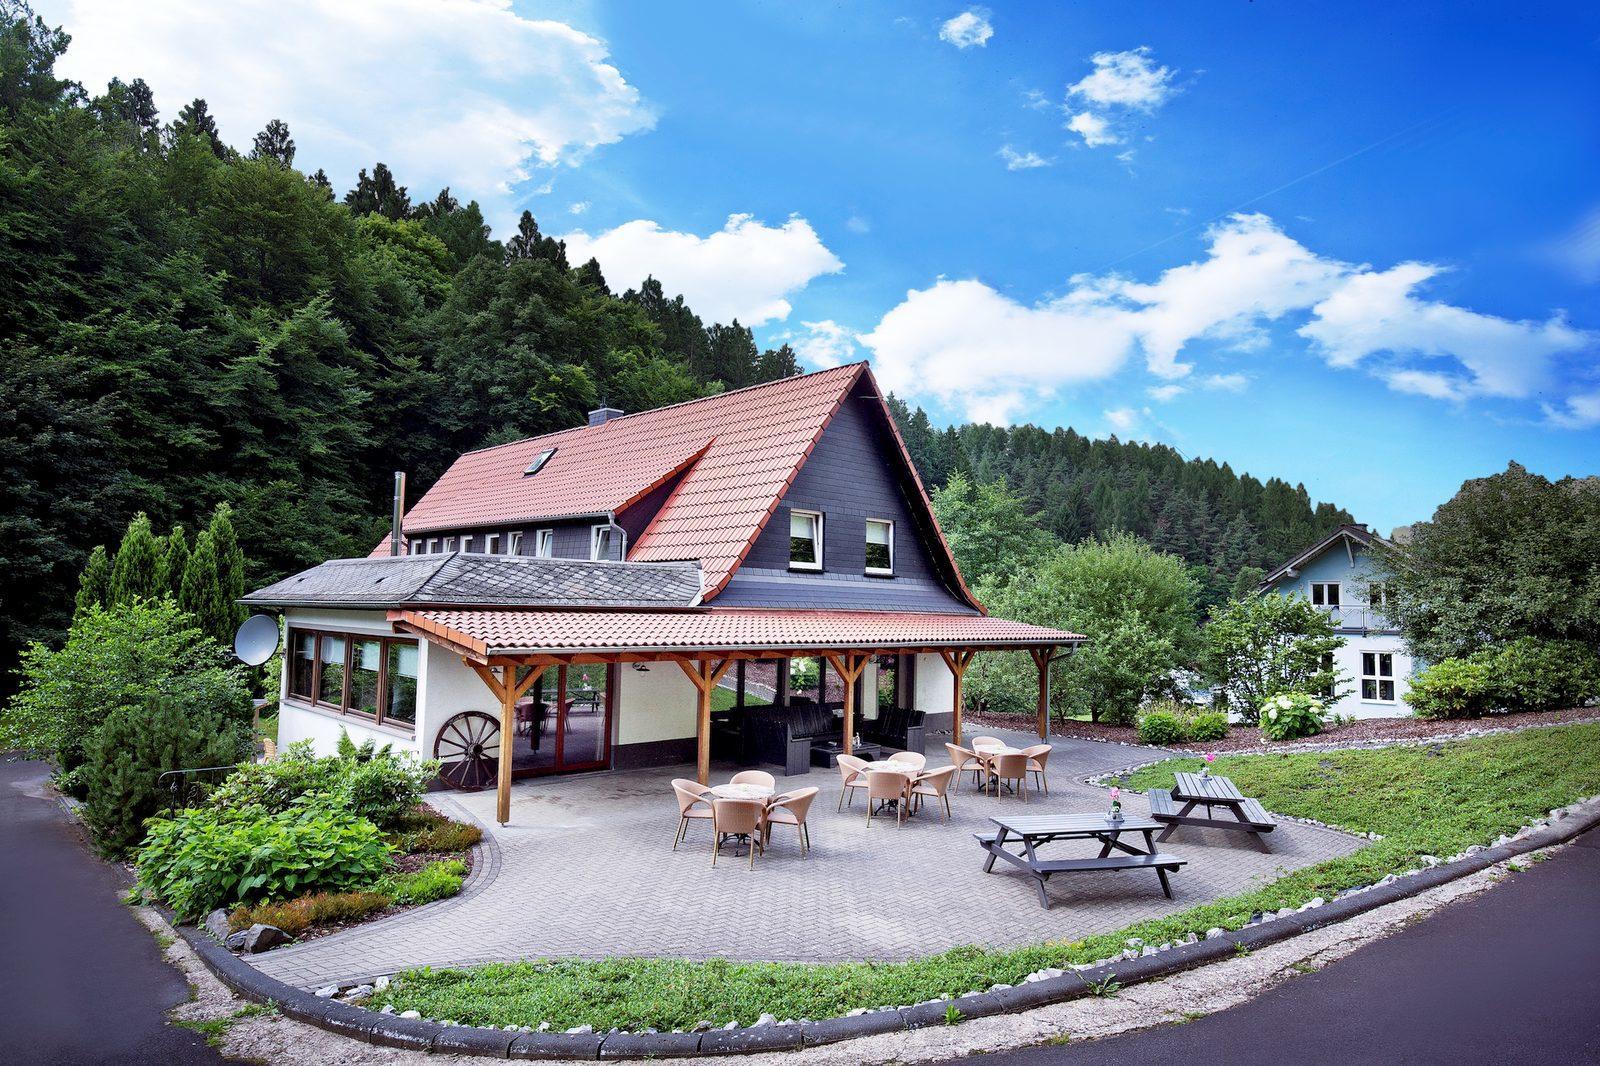 Luxe vakantieshuis in Westerwald, Duitsland